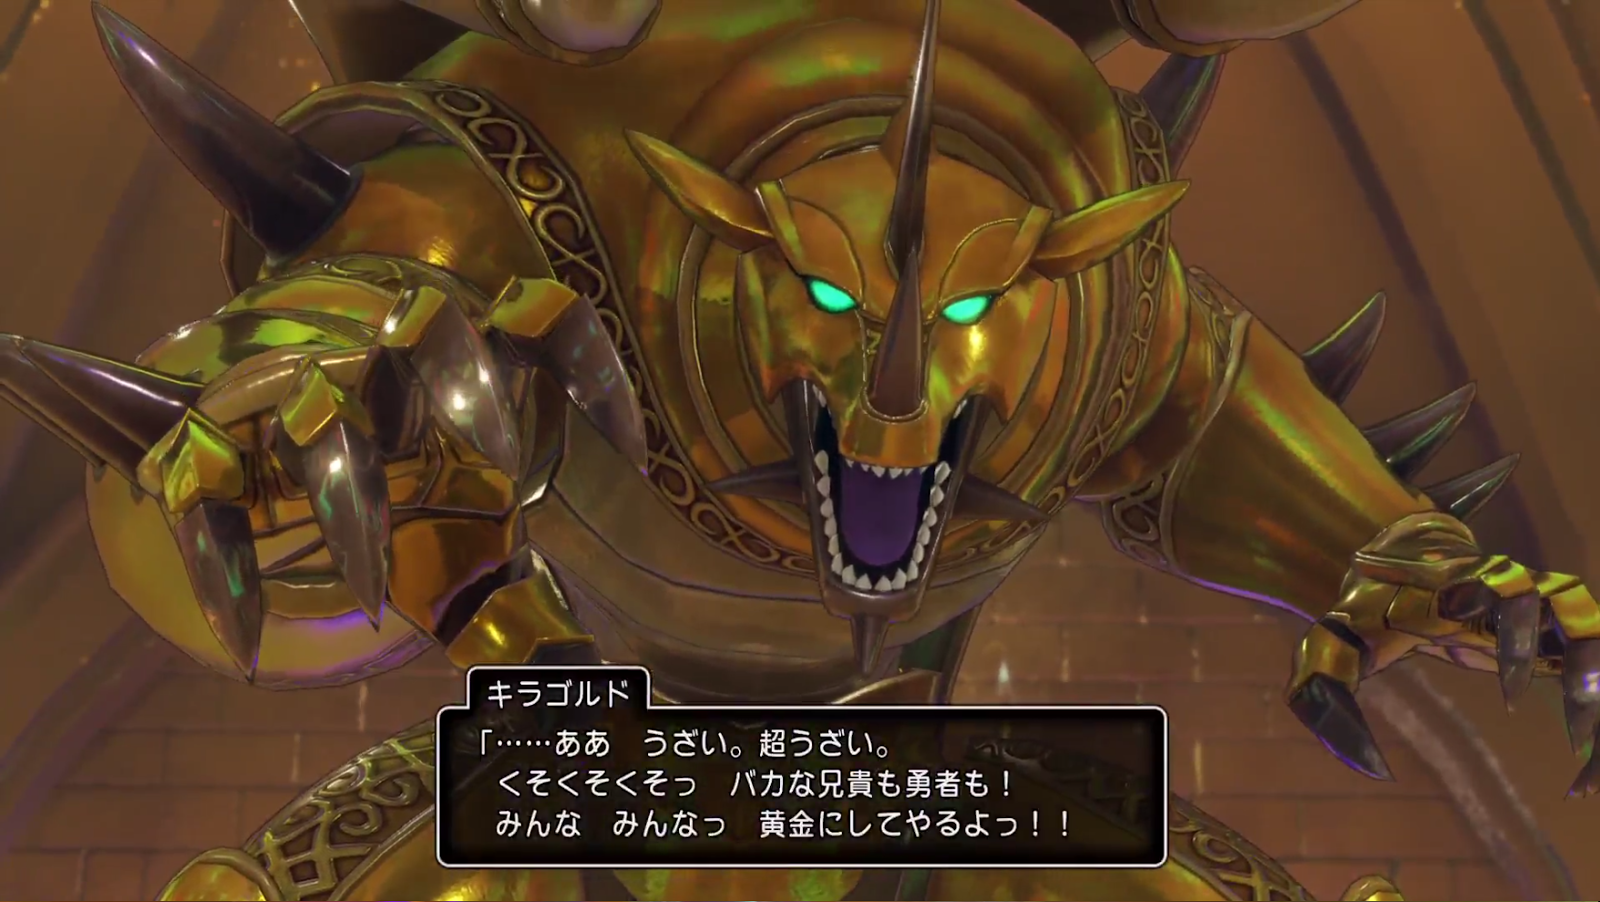 【DQ11/ドラクエ11】キラゴルドの倒し方、コツ、攻略方法など。ゴールドフィンガーに気をつけろ!